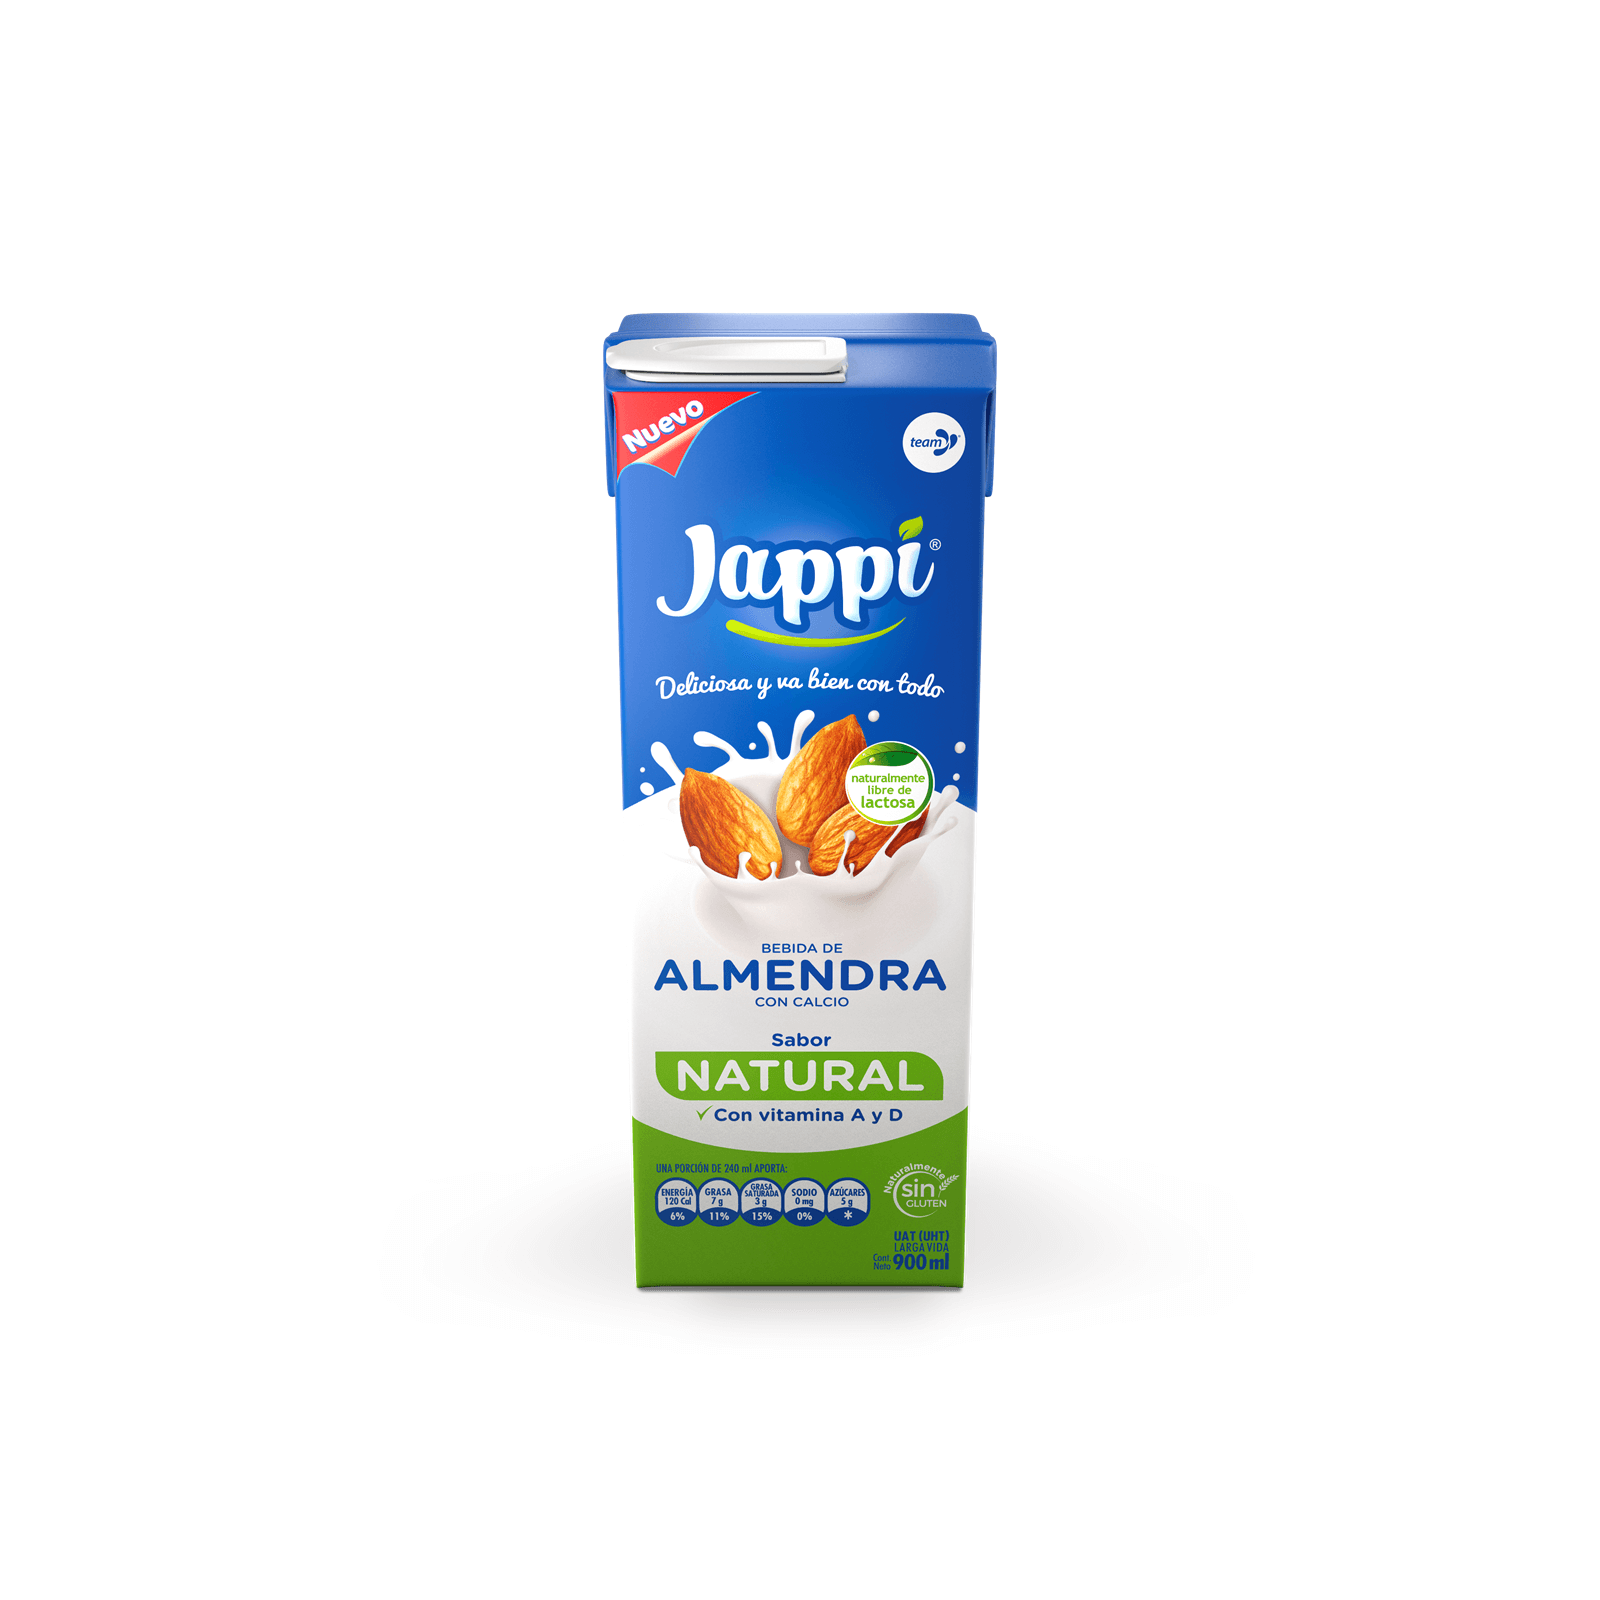 Leche De Almendra Jappi Tetra Pack Natural